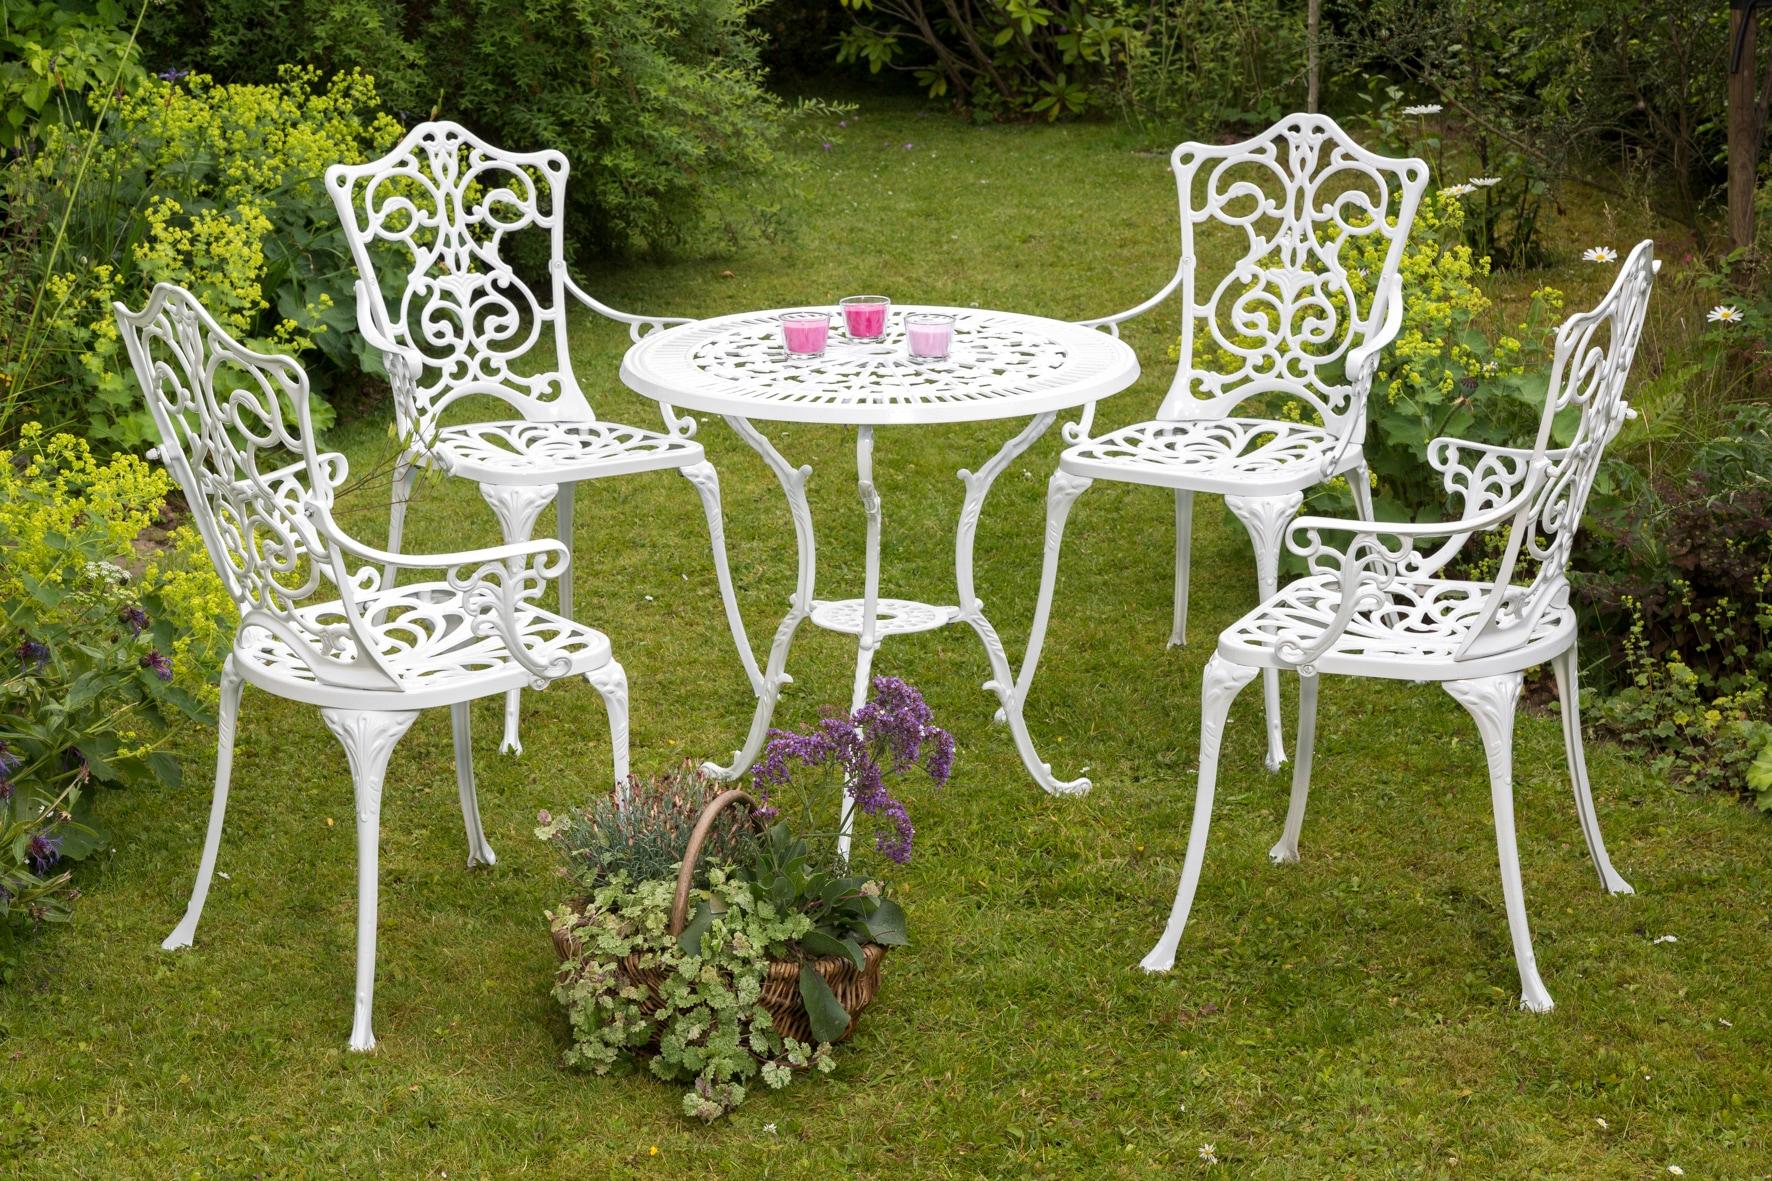 MERXX Gartenmöbelset Lugano 5tlg 4 Sessel Tisch Ø 70 cm Aluminium